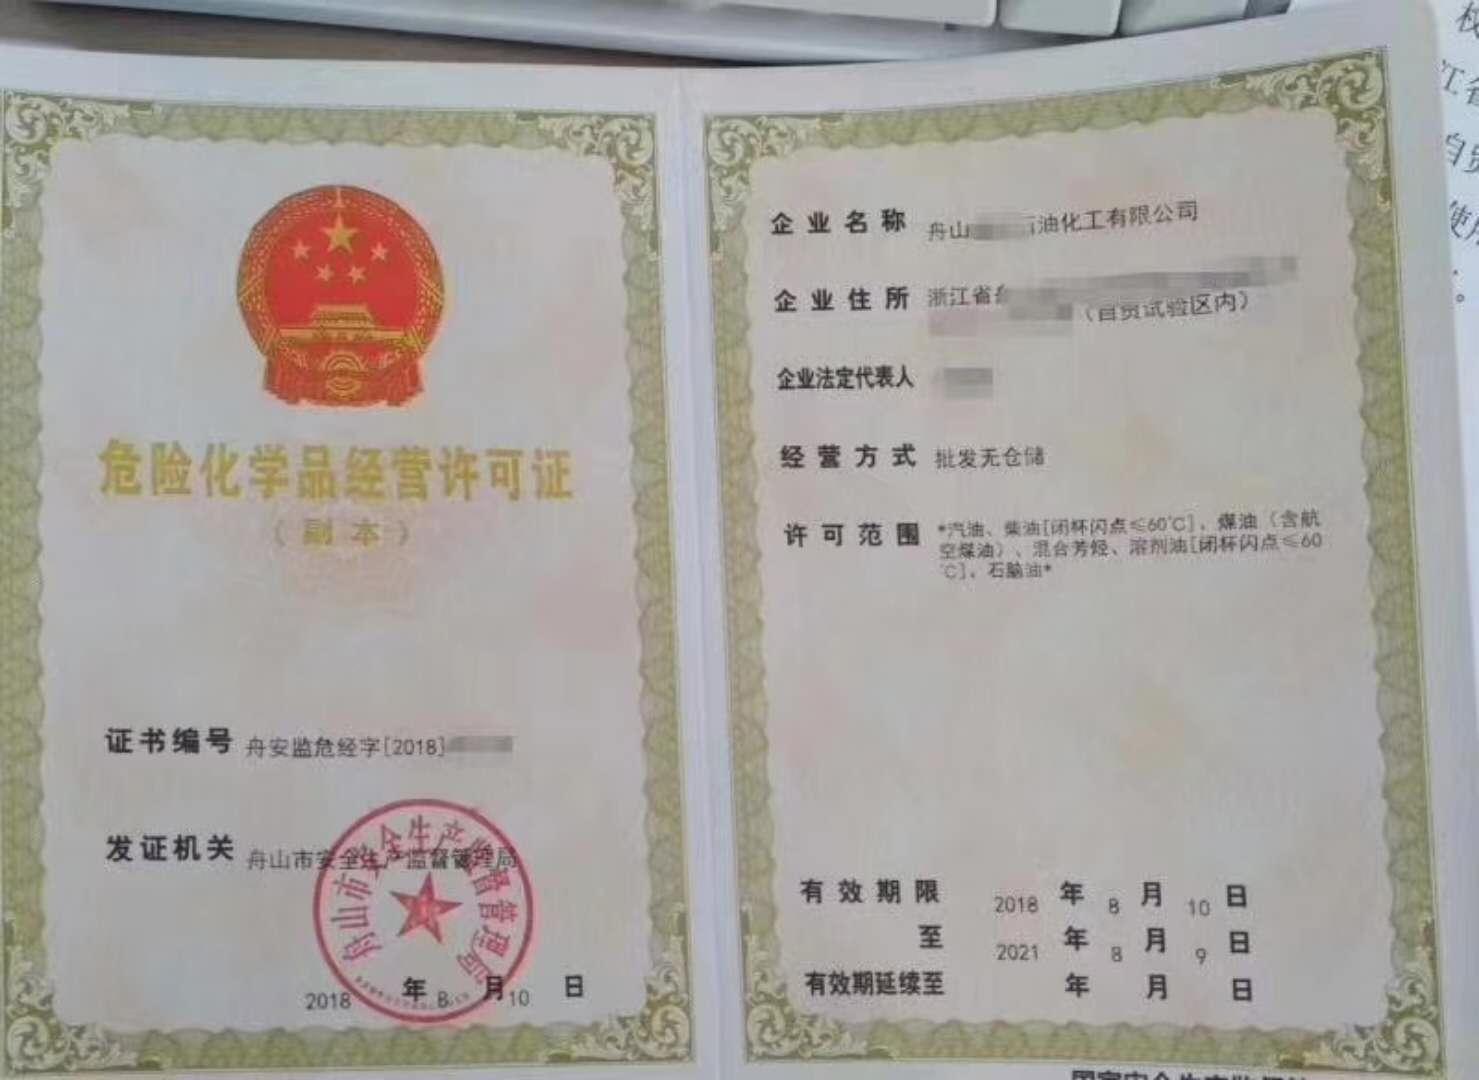 舟山办理(危险化学品经营许可证),舟山代办危化证,成品油经营许可证